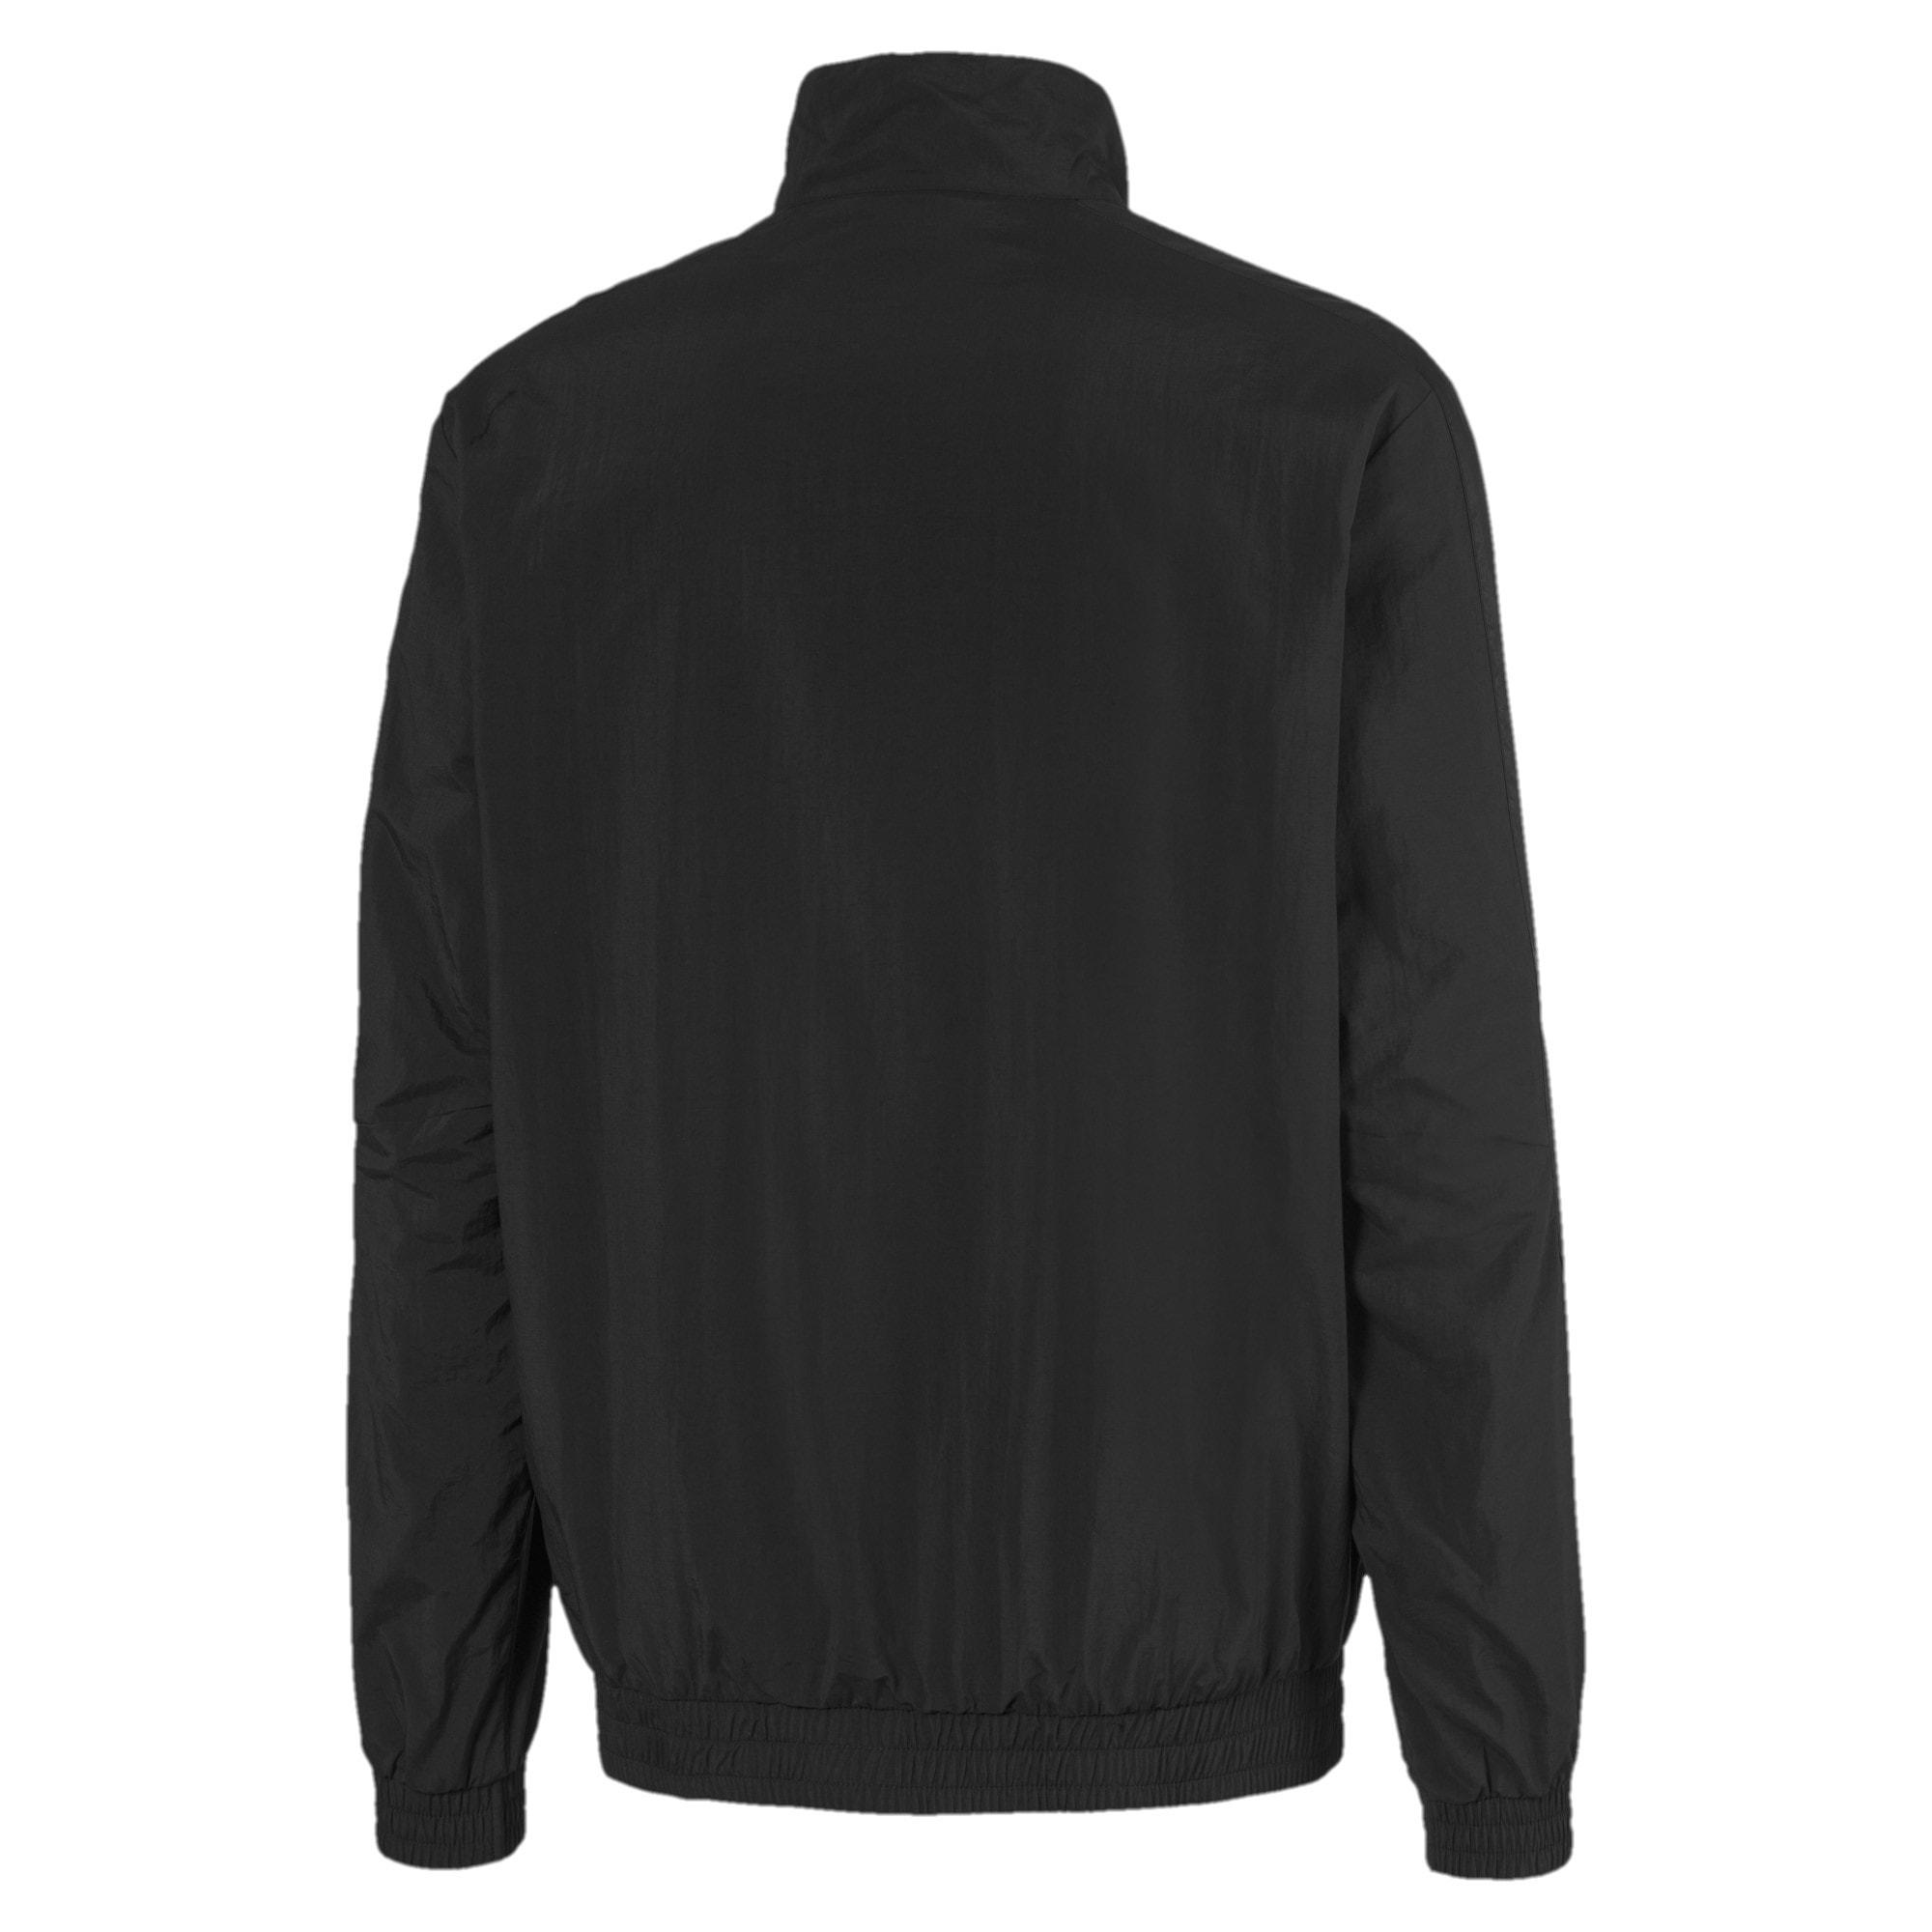 Thumbnail 2 of Mercedes Street Woven Men's Jacket, Puma Black, medium